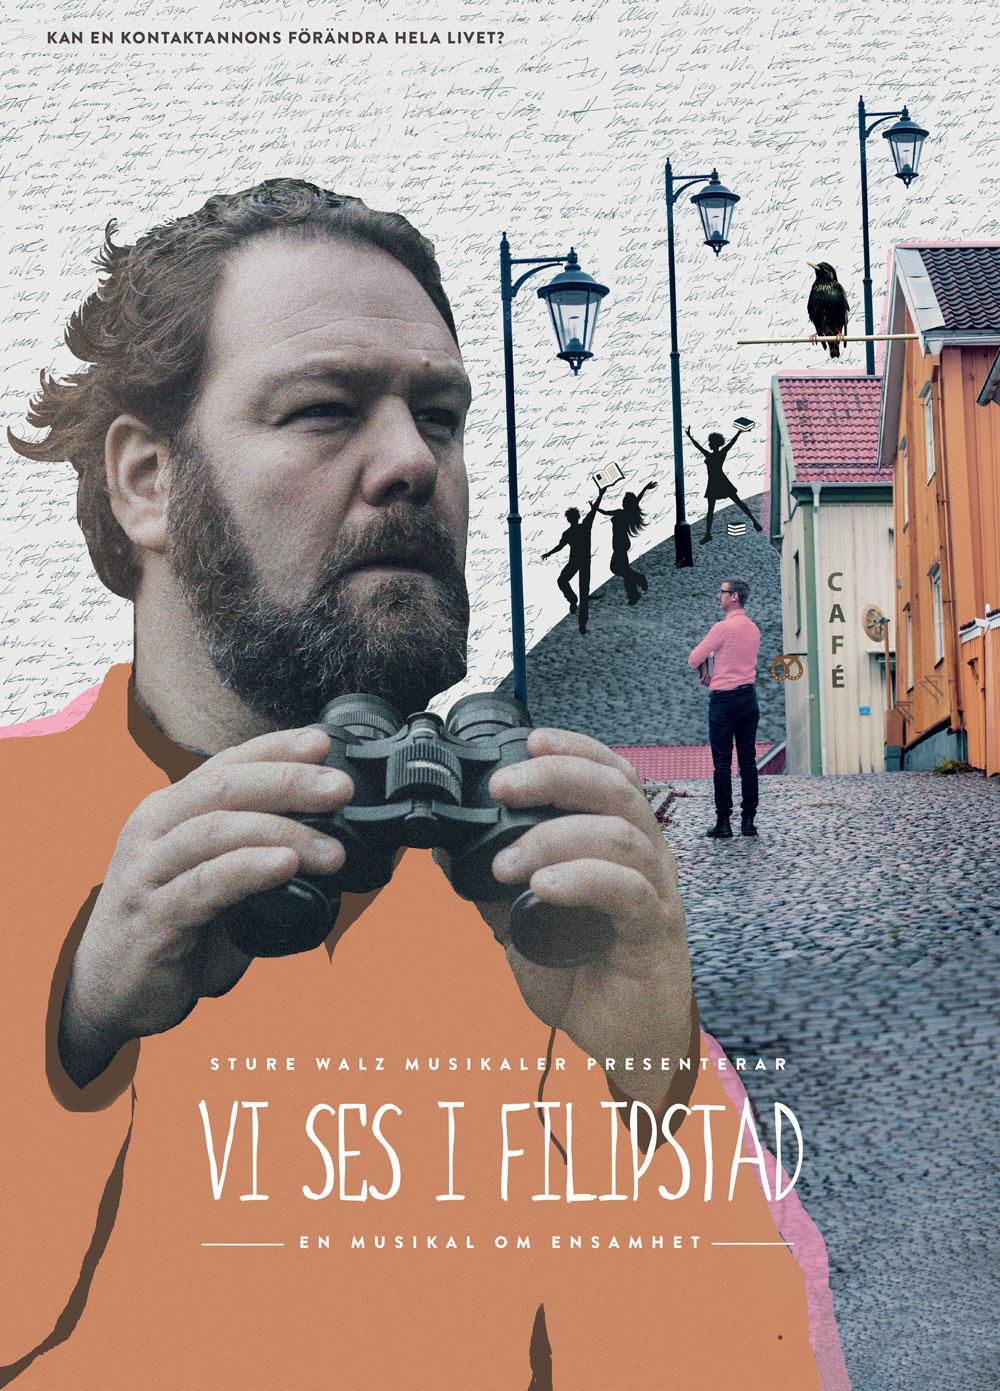 Vi_ses_i_filpstad_poster_FA_A2_31st